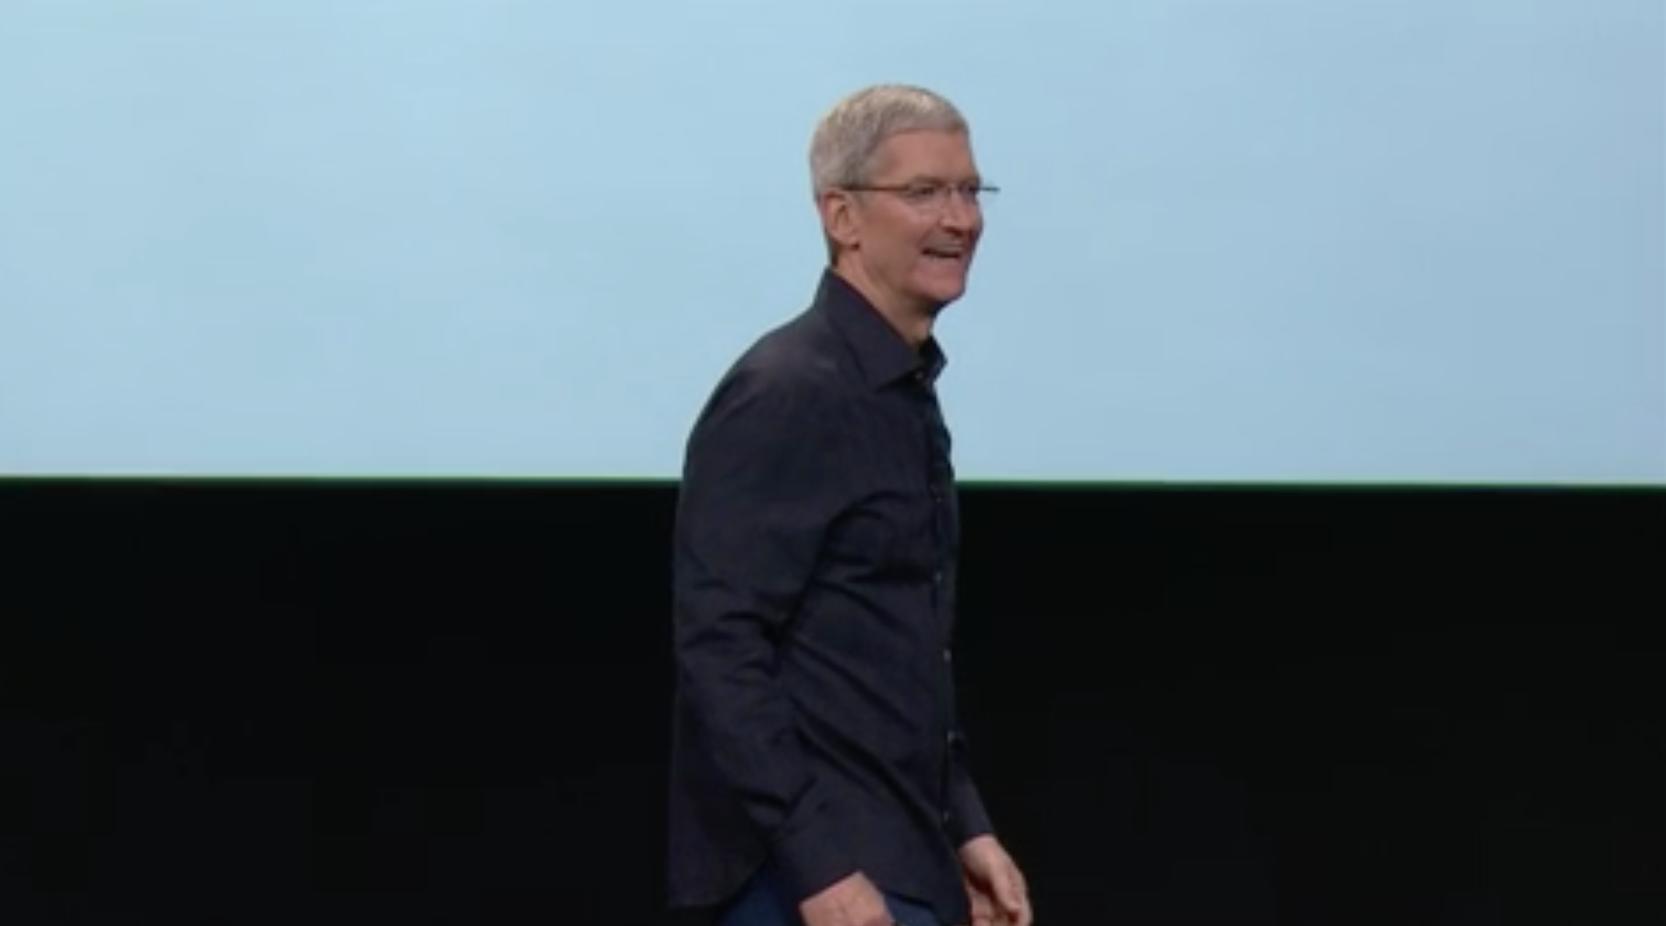 """מנכ""""ל אפל, טים קוק, באירוע ההכרזה הלילה. מקור: צילום מסך"""